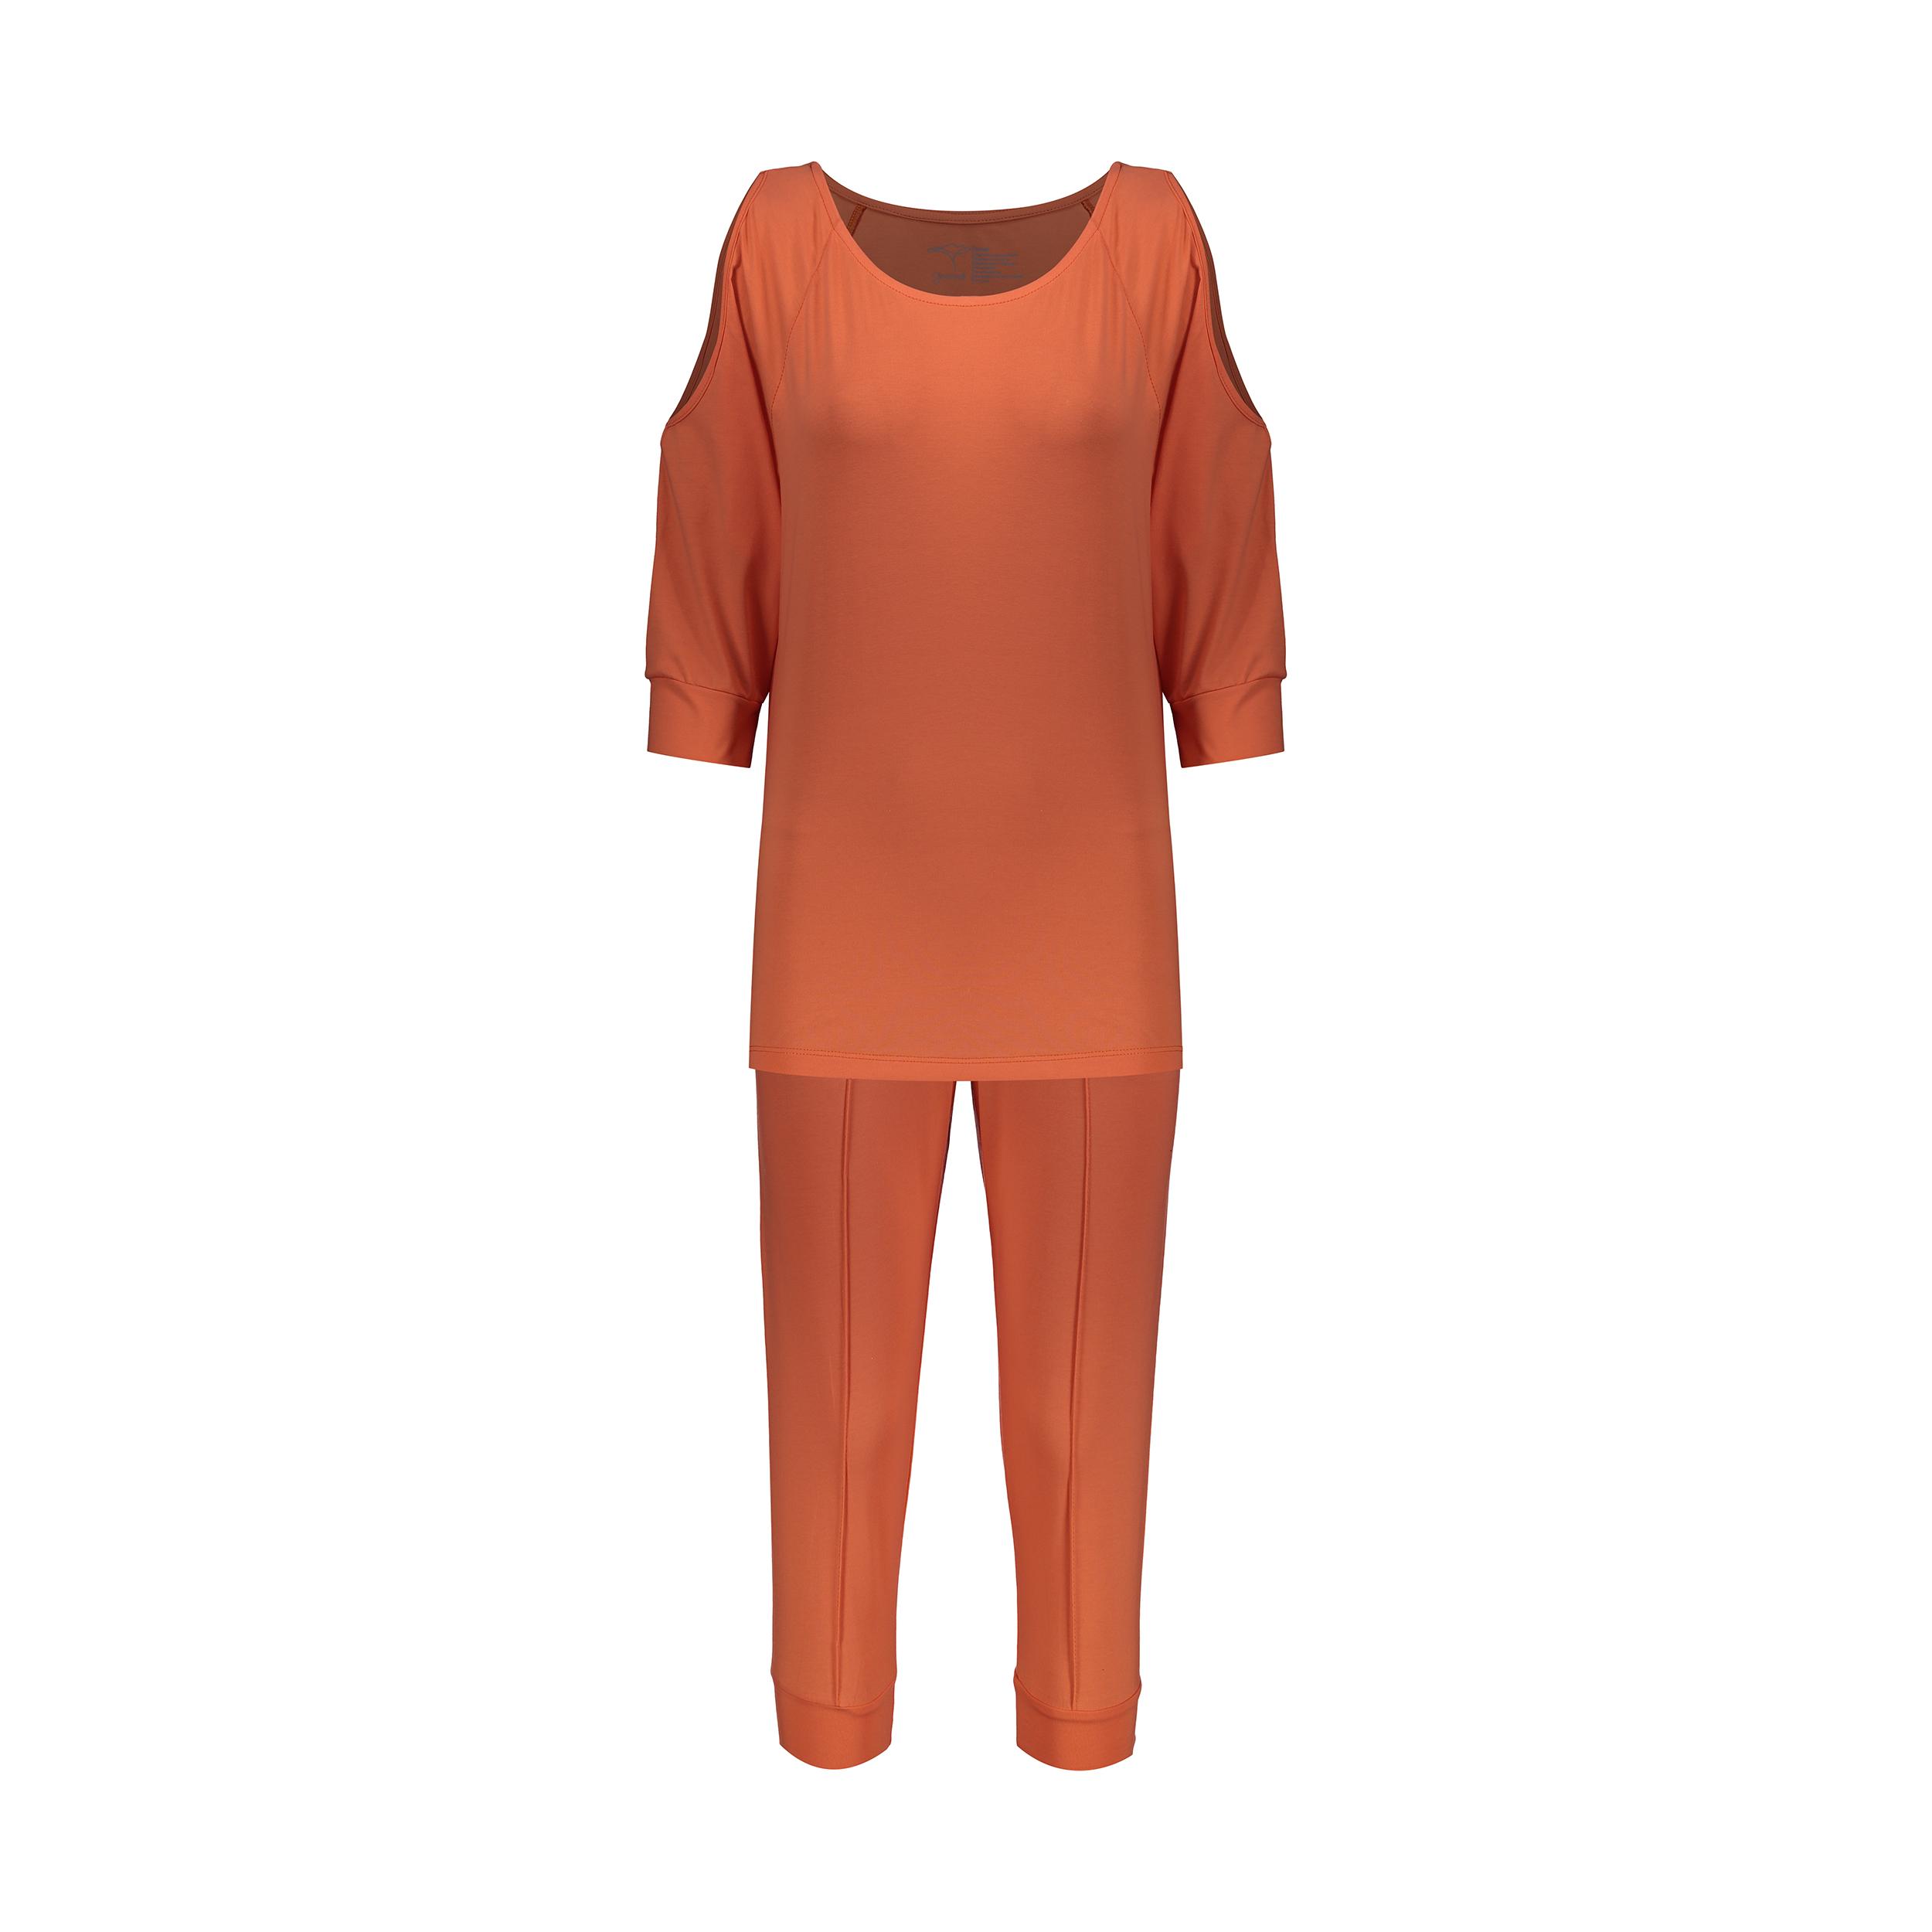 ست تی شرت و شلوارک زنانه گارودی مدل 1110307101-26